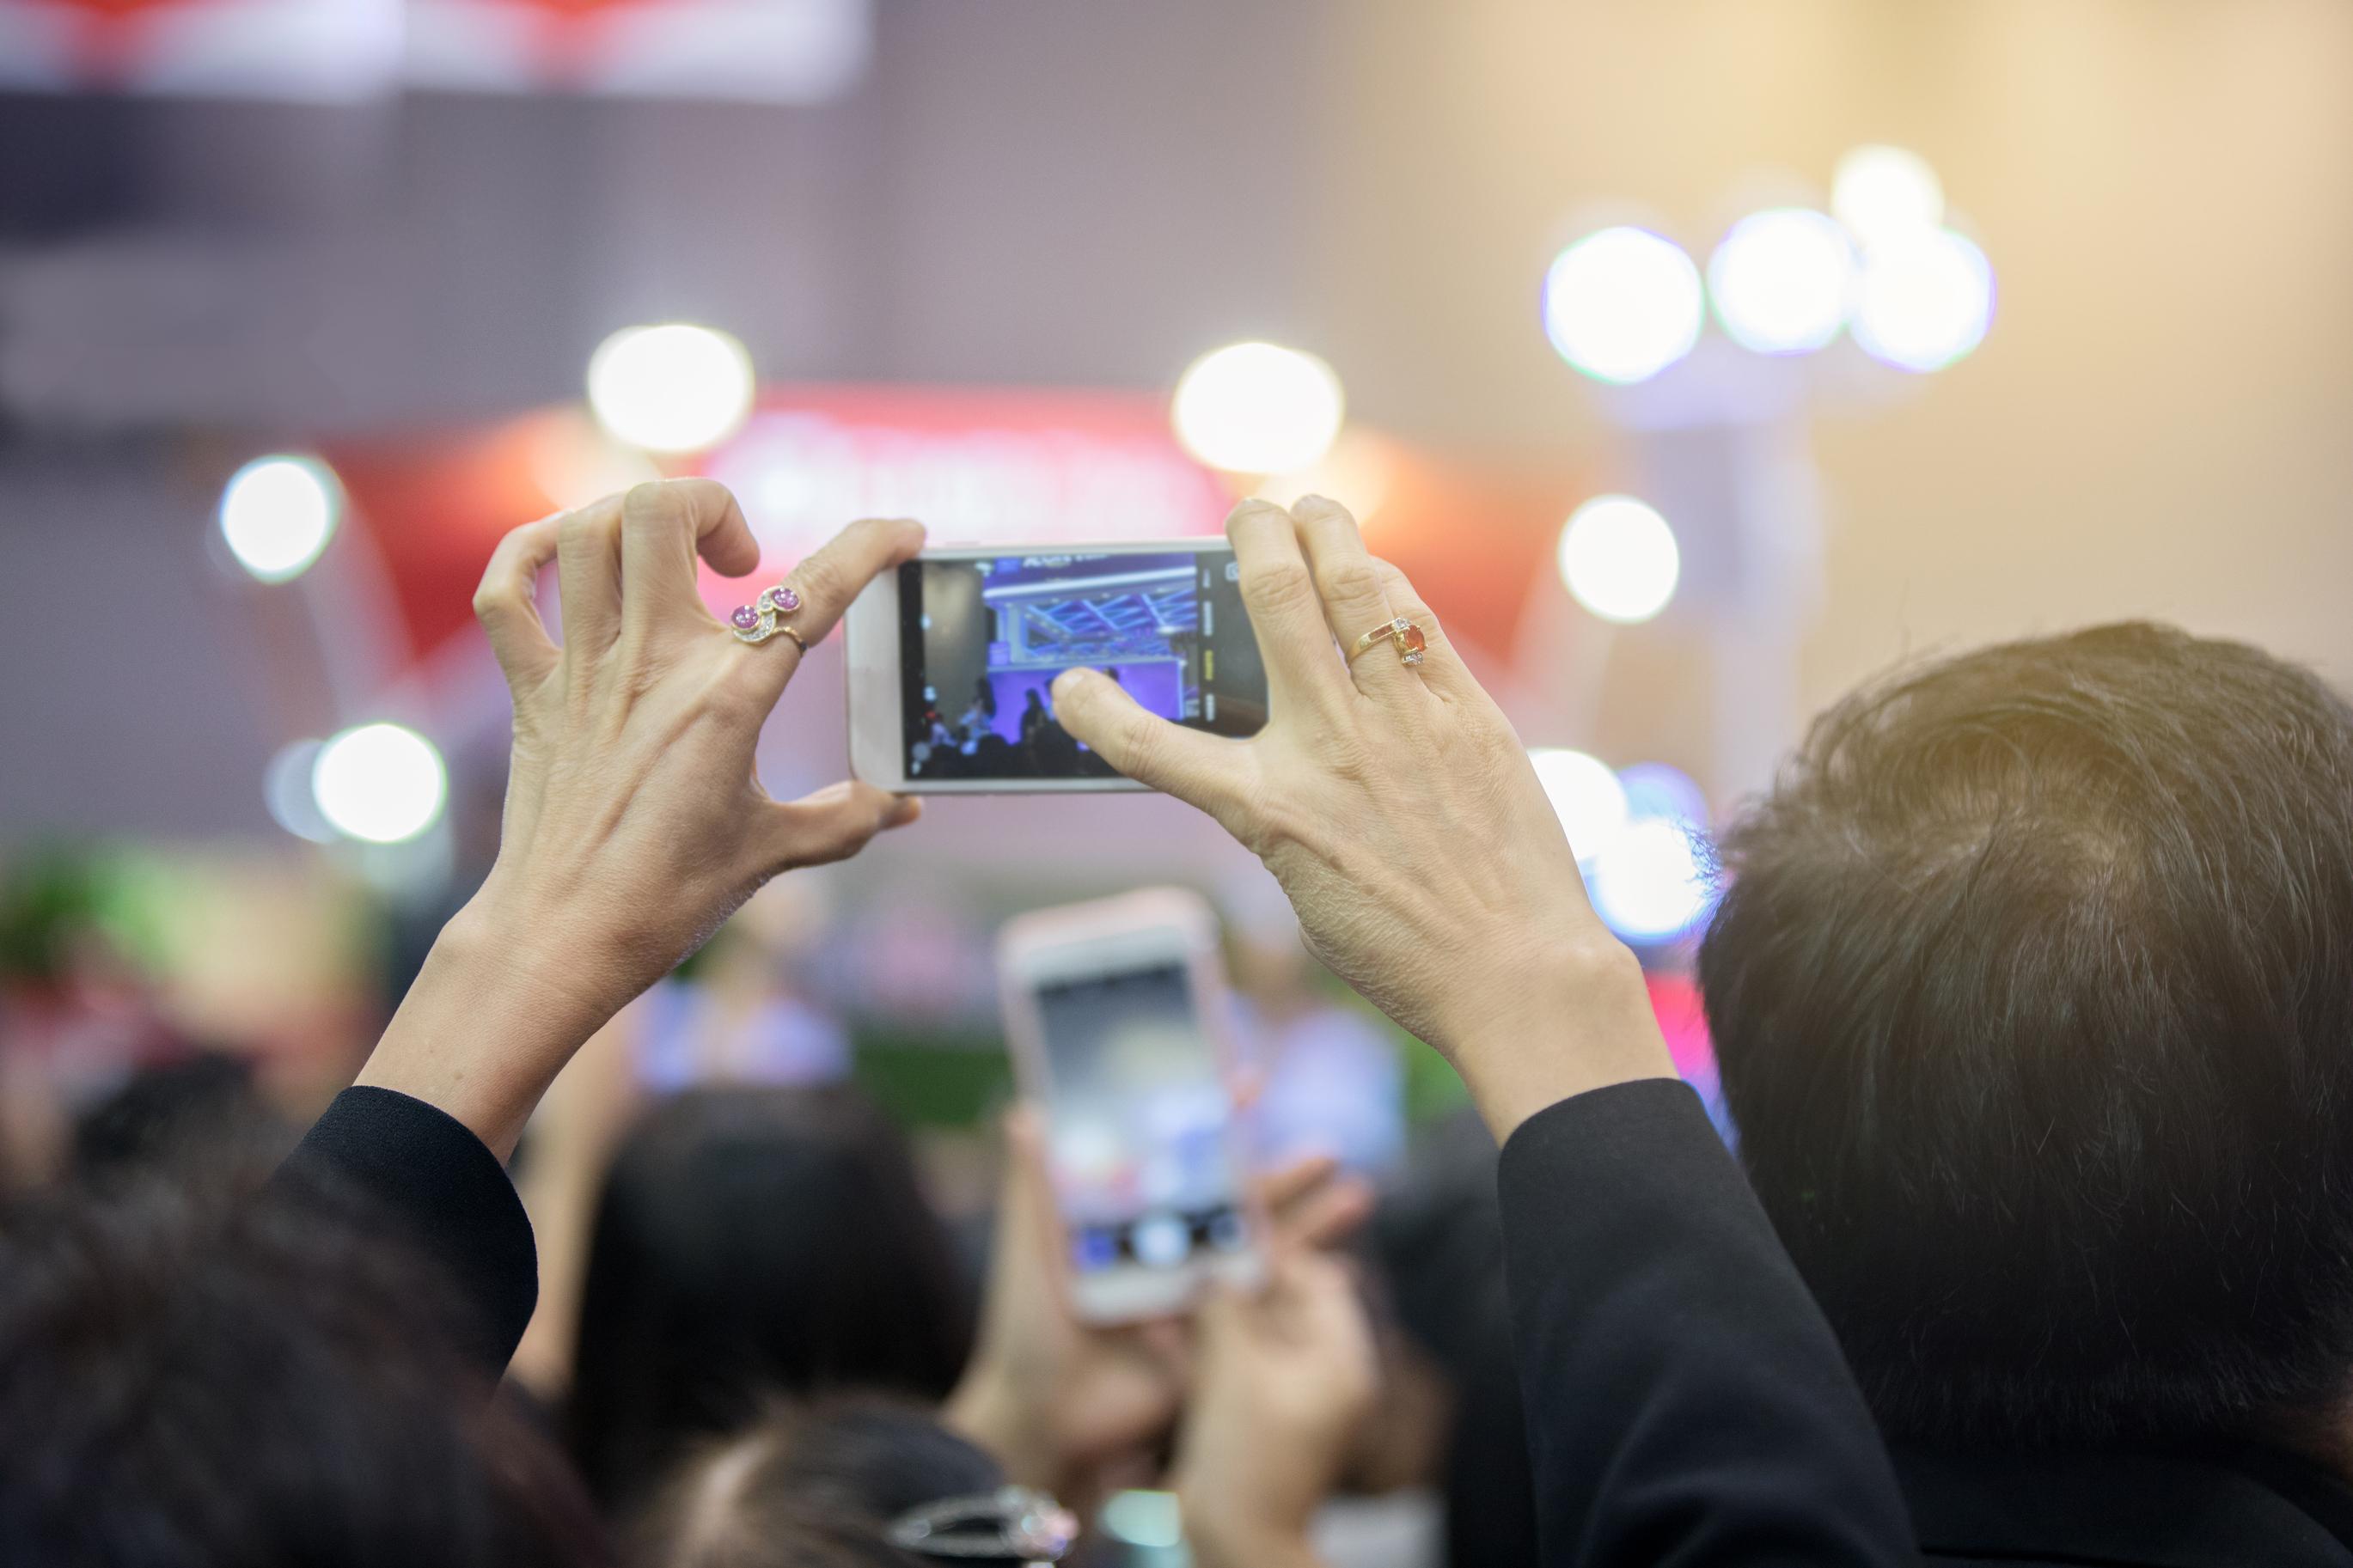 camera-phone-concert.jpg?mtime=20181103081737#asset:103625